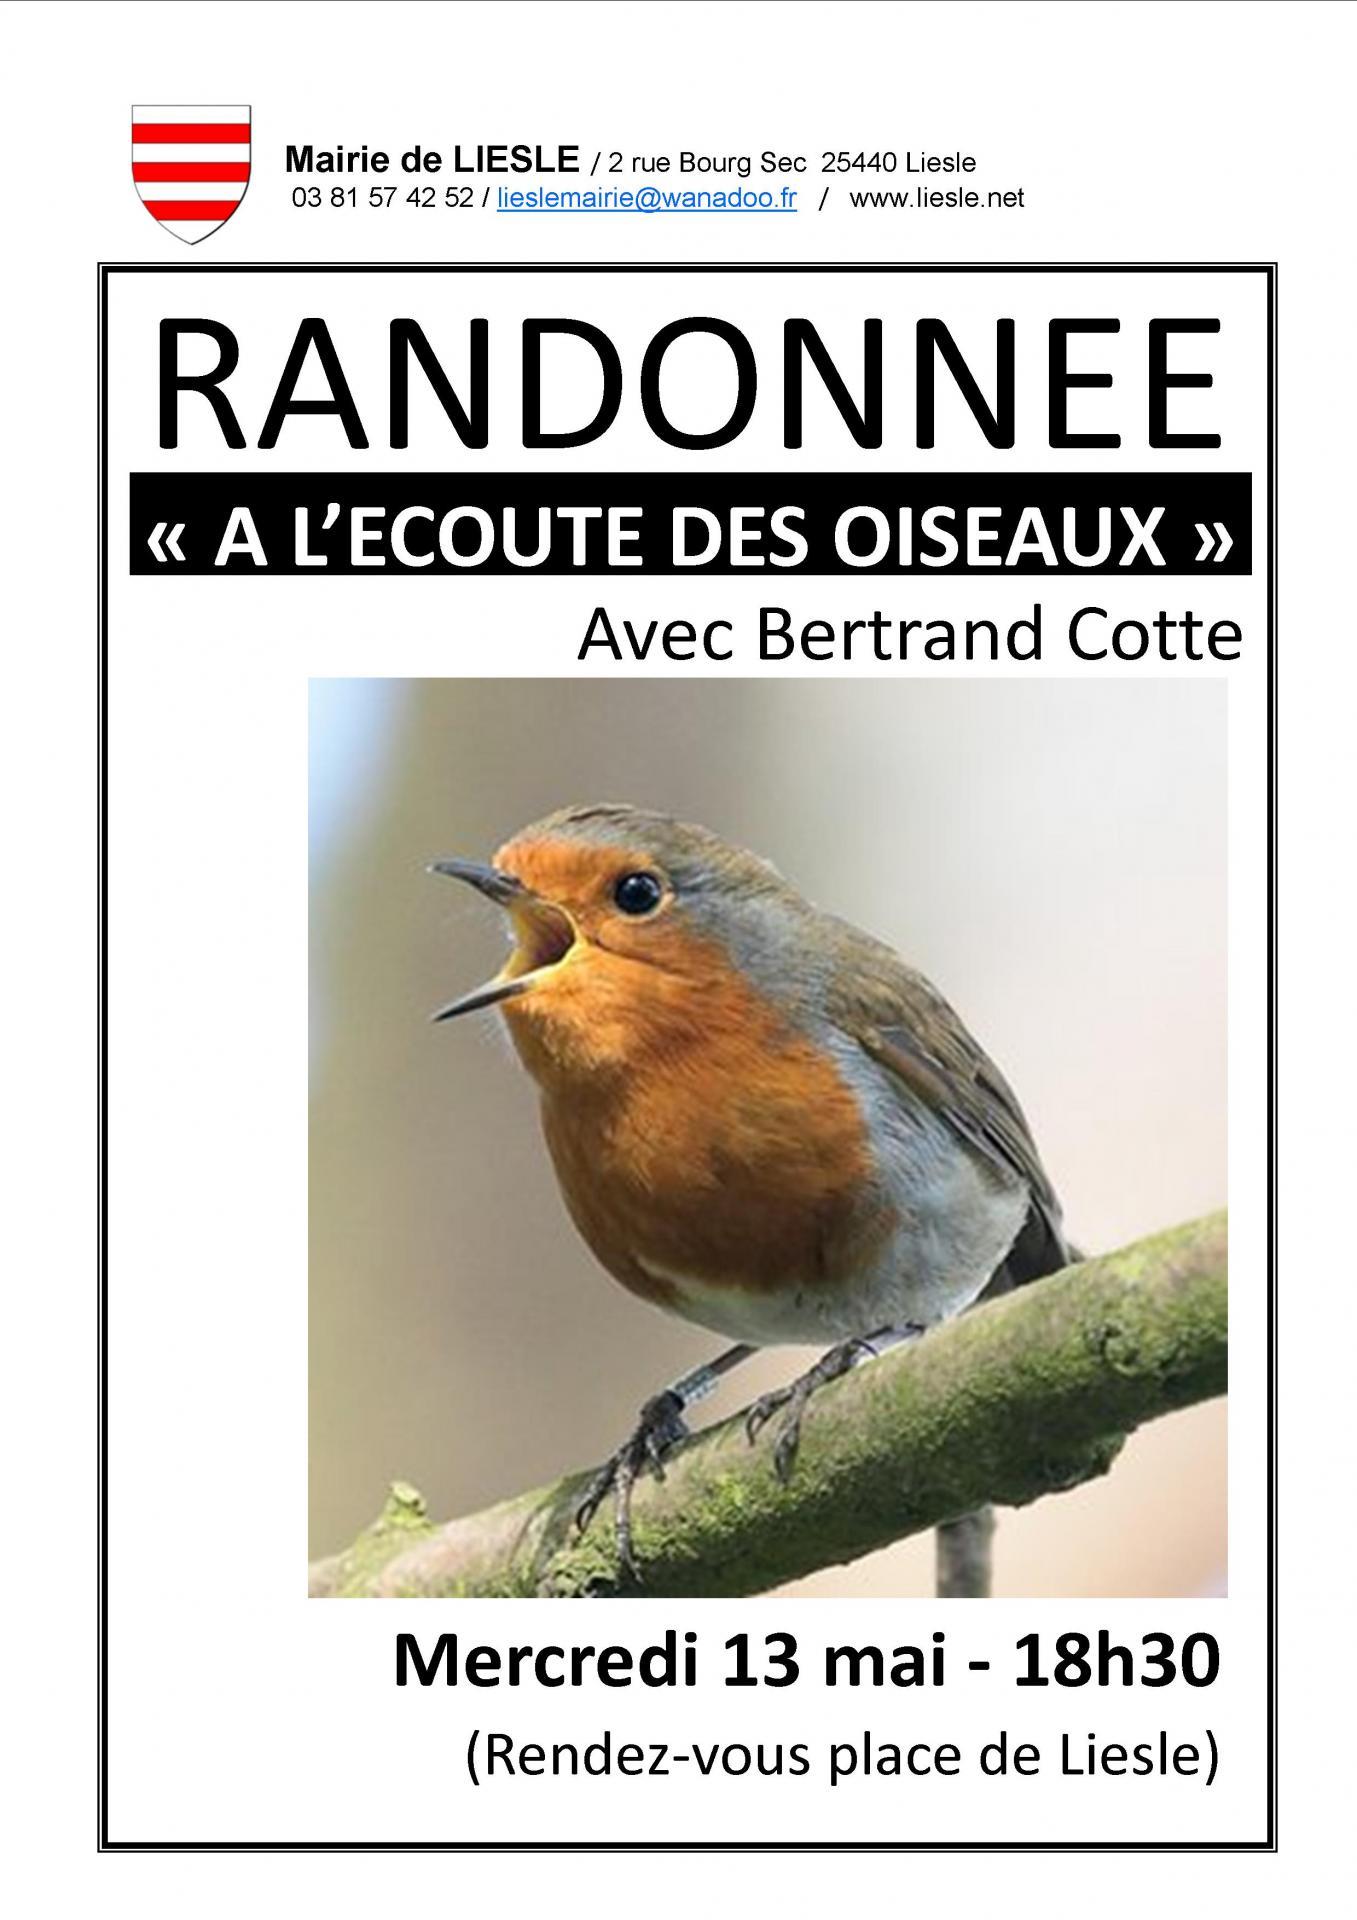 Randonnee oiseaux 2